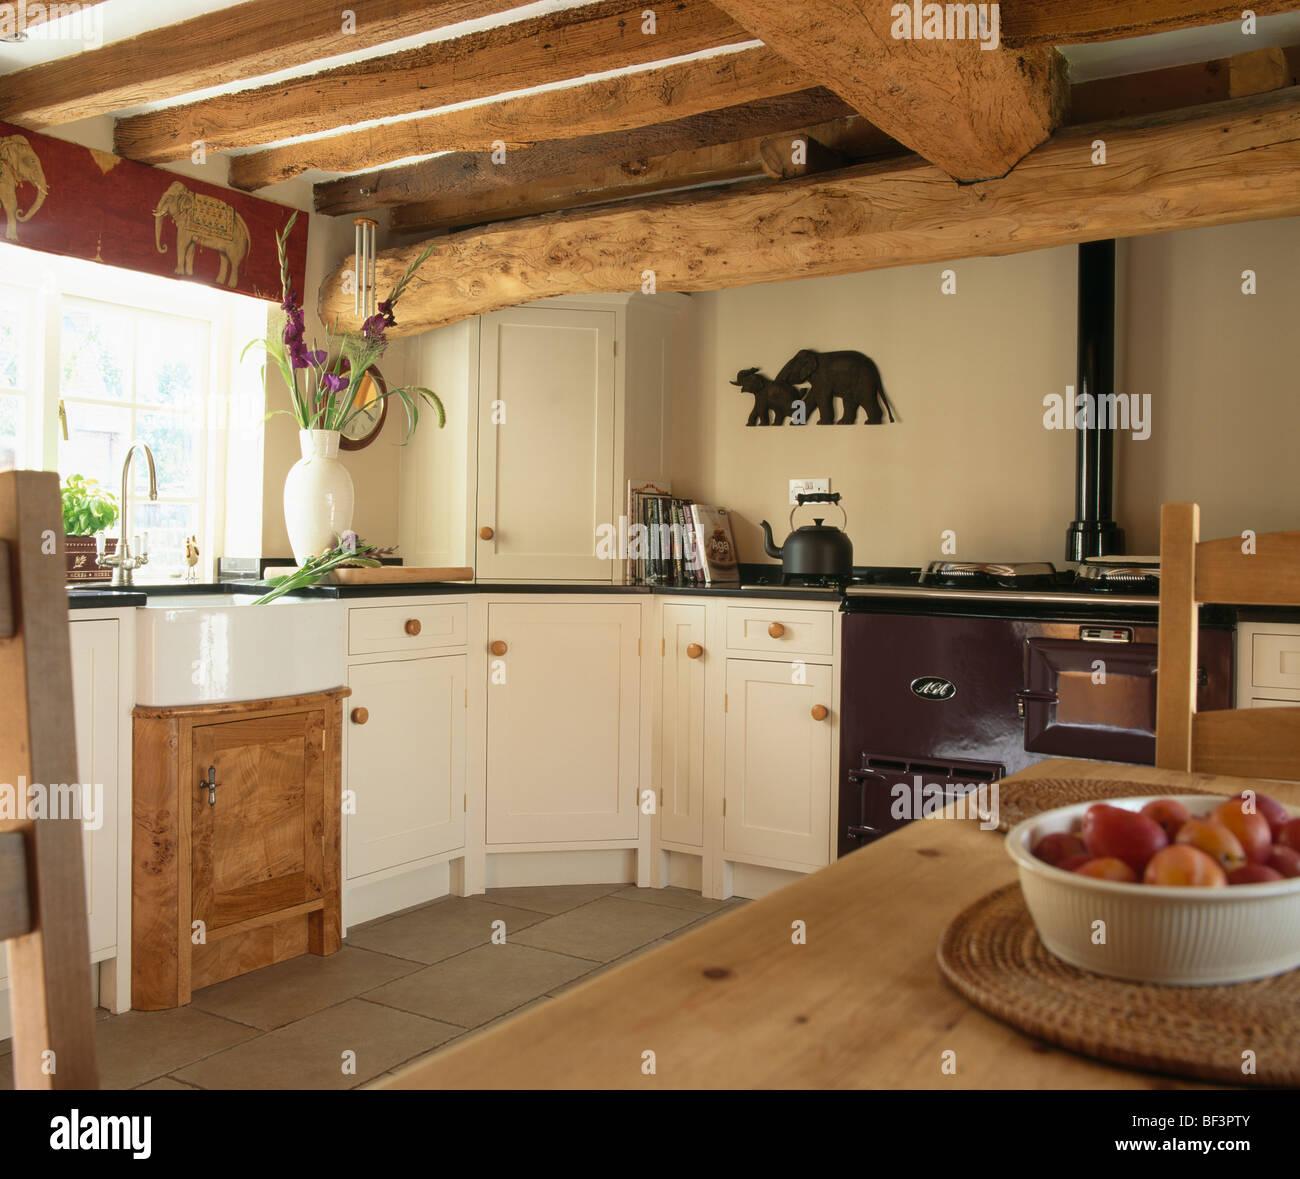 Plafond Avec Poutres Apparentes Dans Un Chalet Cuisine Avec Four Et